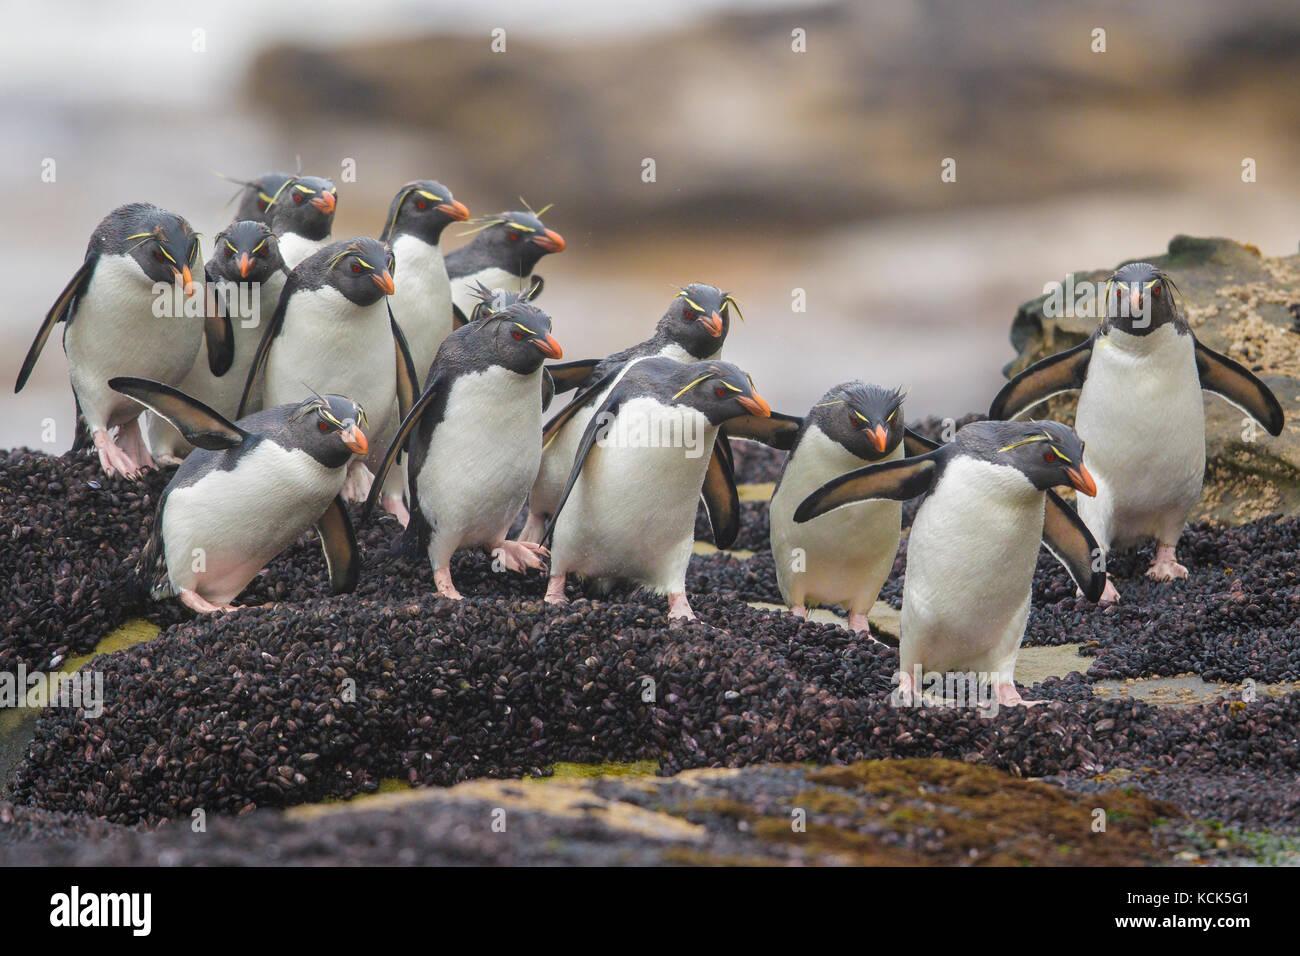 Rockhopper Penguin (Eudyptes chrysocome) le long du rivage dans les îles Falkland. Photo Stock